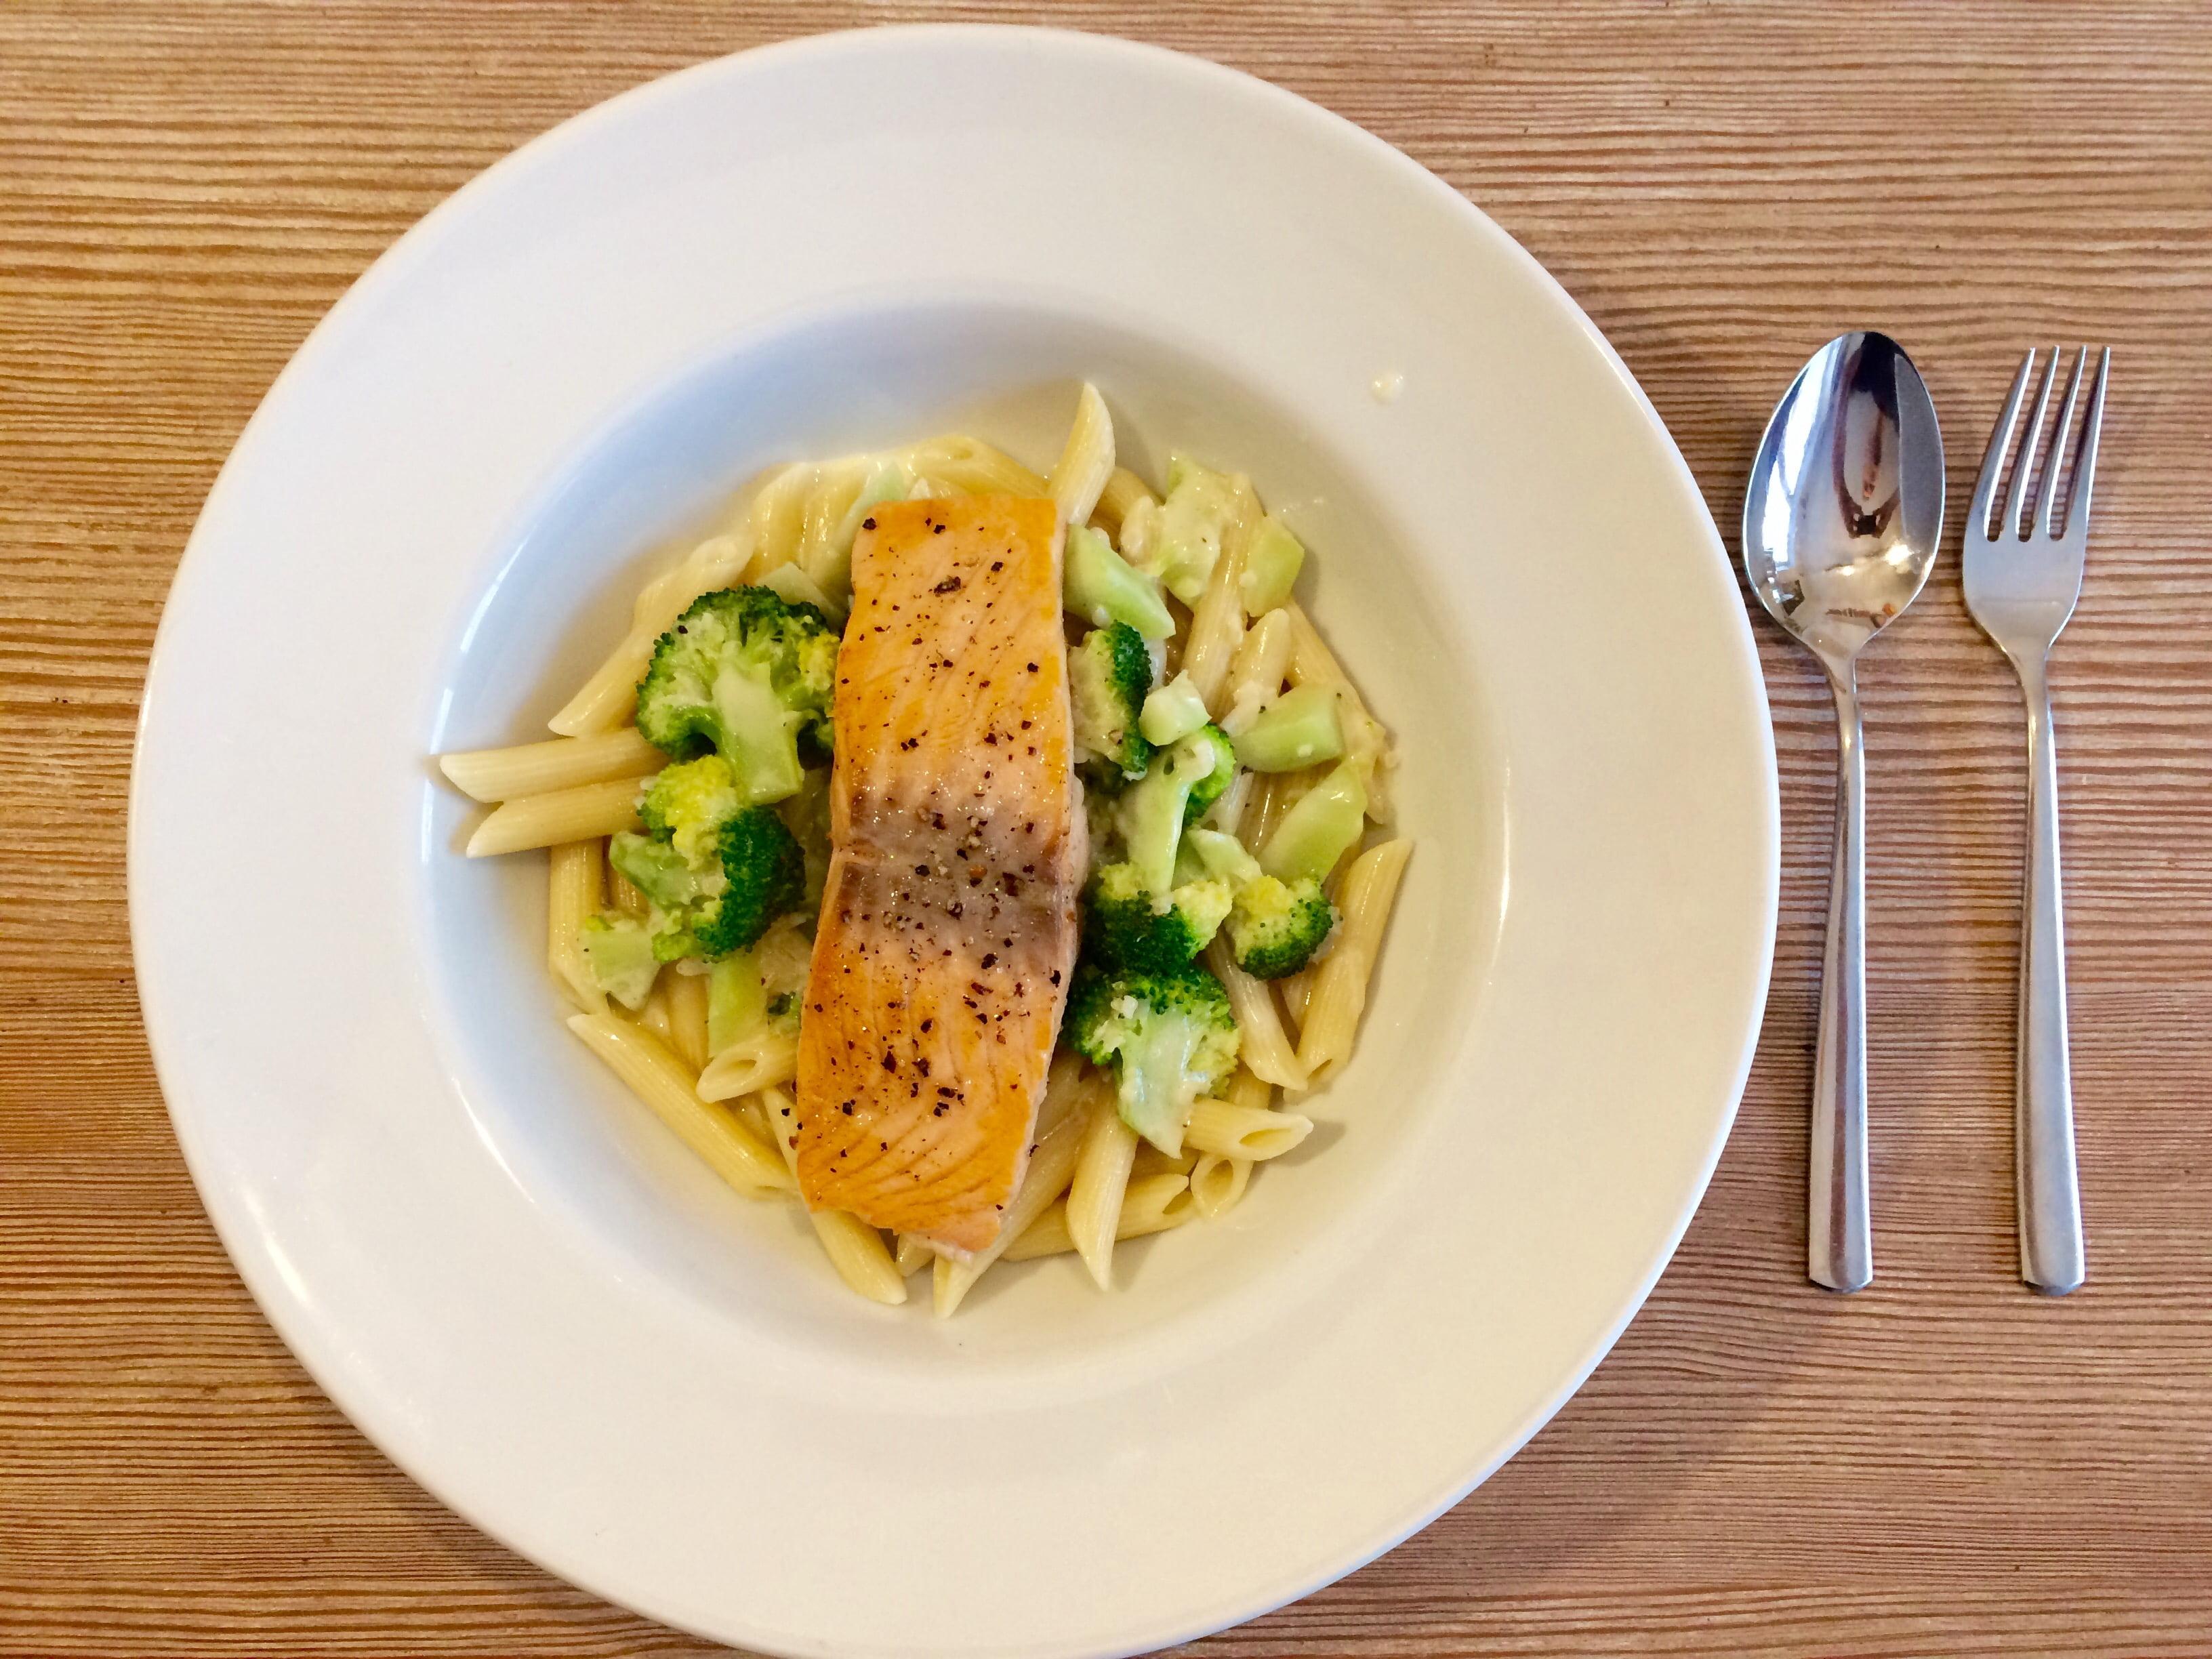 Lachs mit Brokkoli und Nudeln